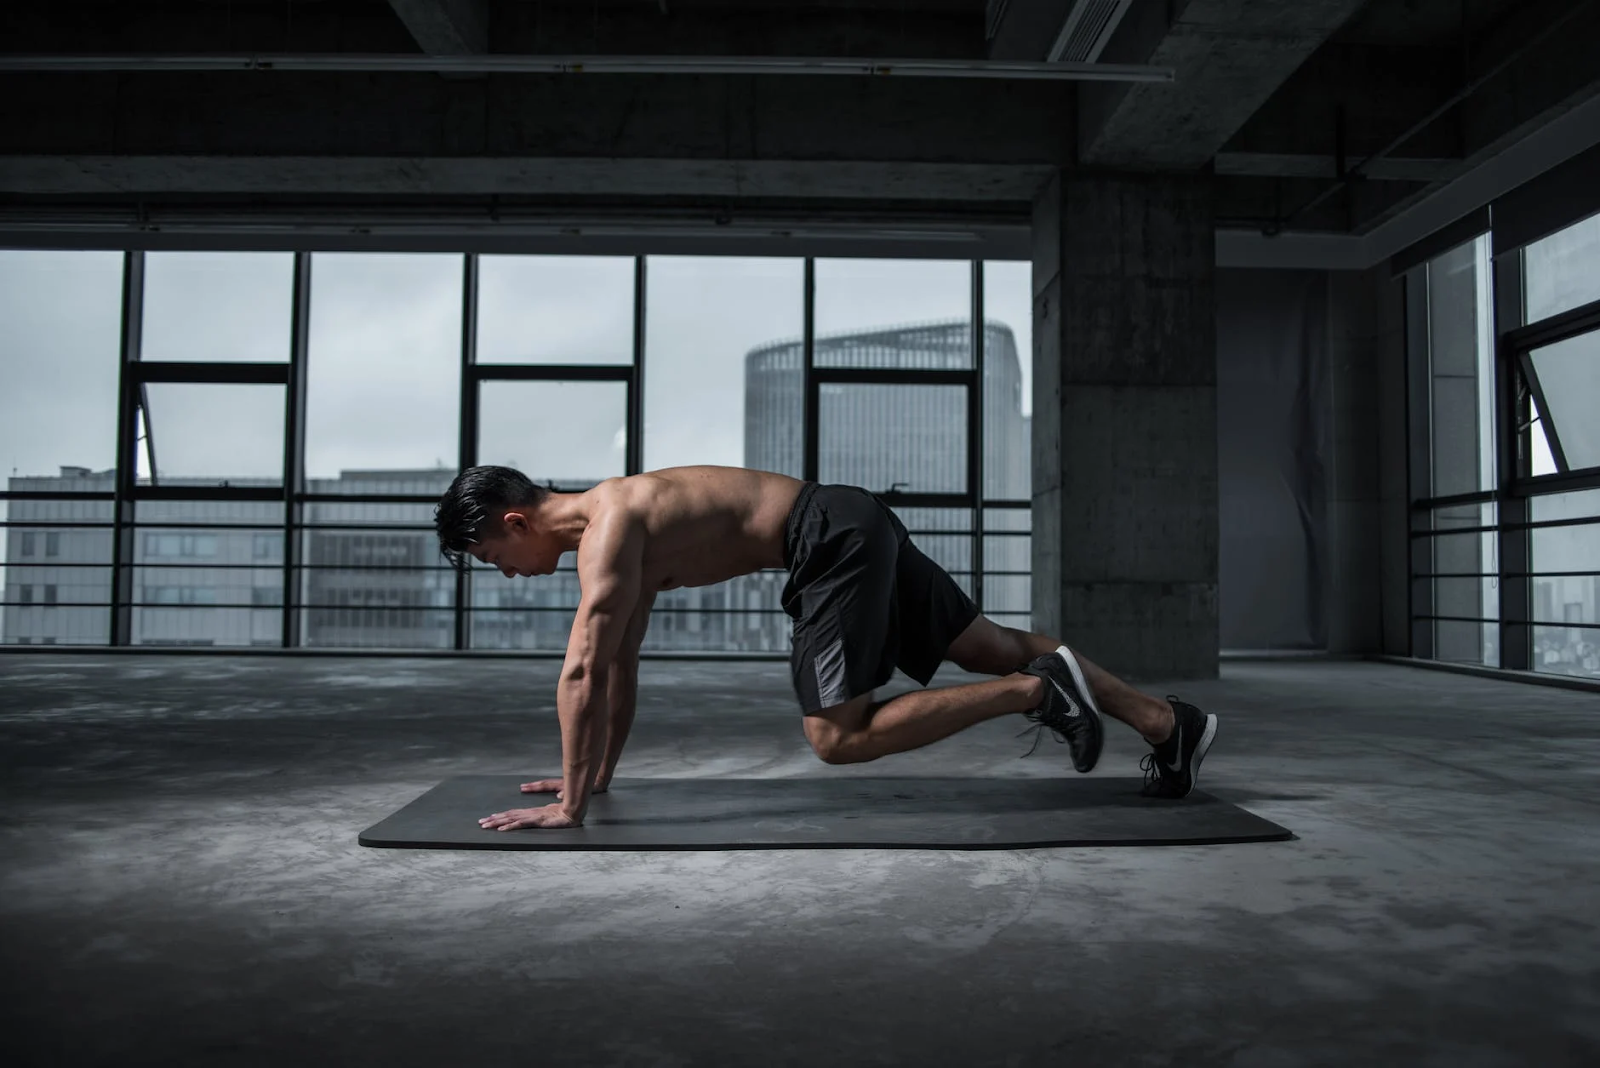 man doing a workout.